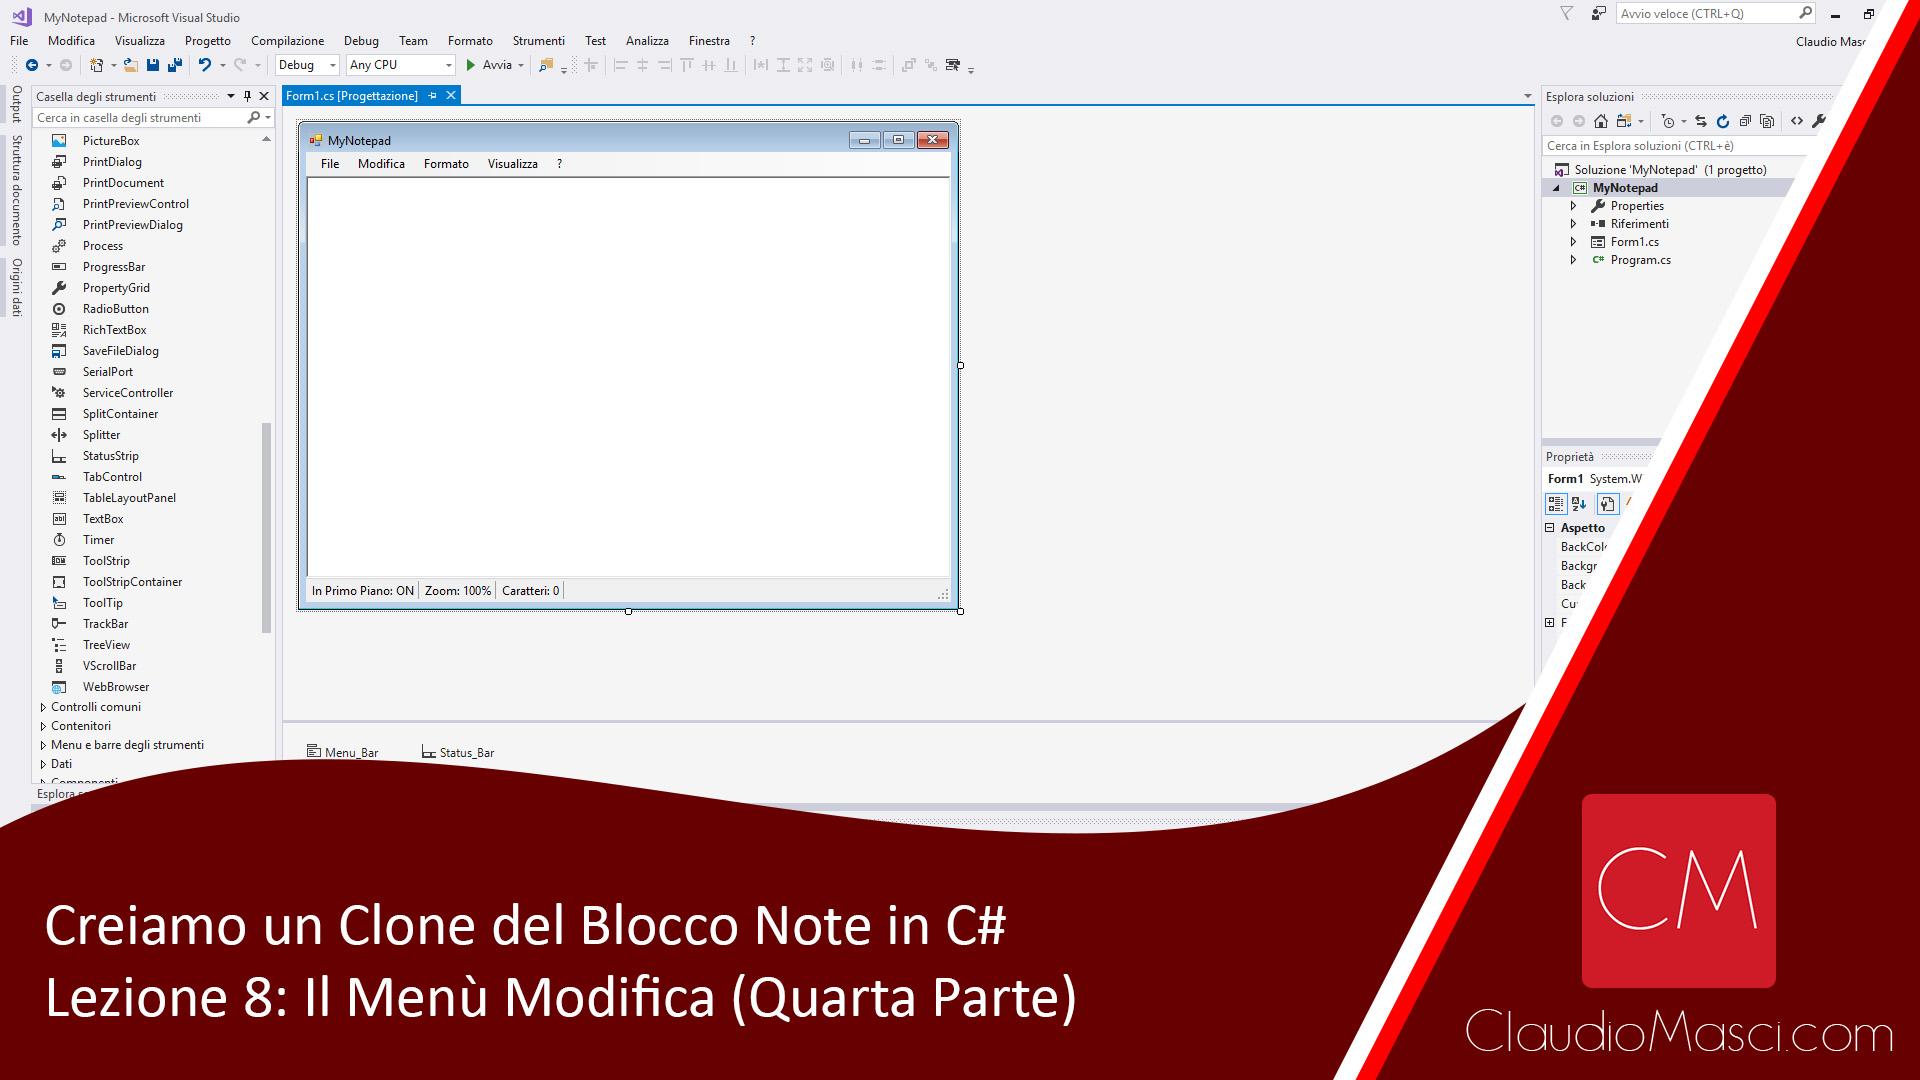 Creiamo un clone del Blocco Note in C# – Lezione 8: Il Menù Modifica (Quarta Parte)